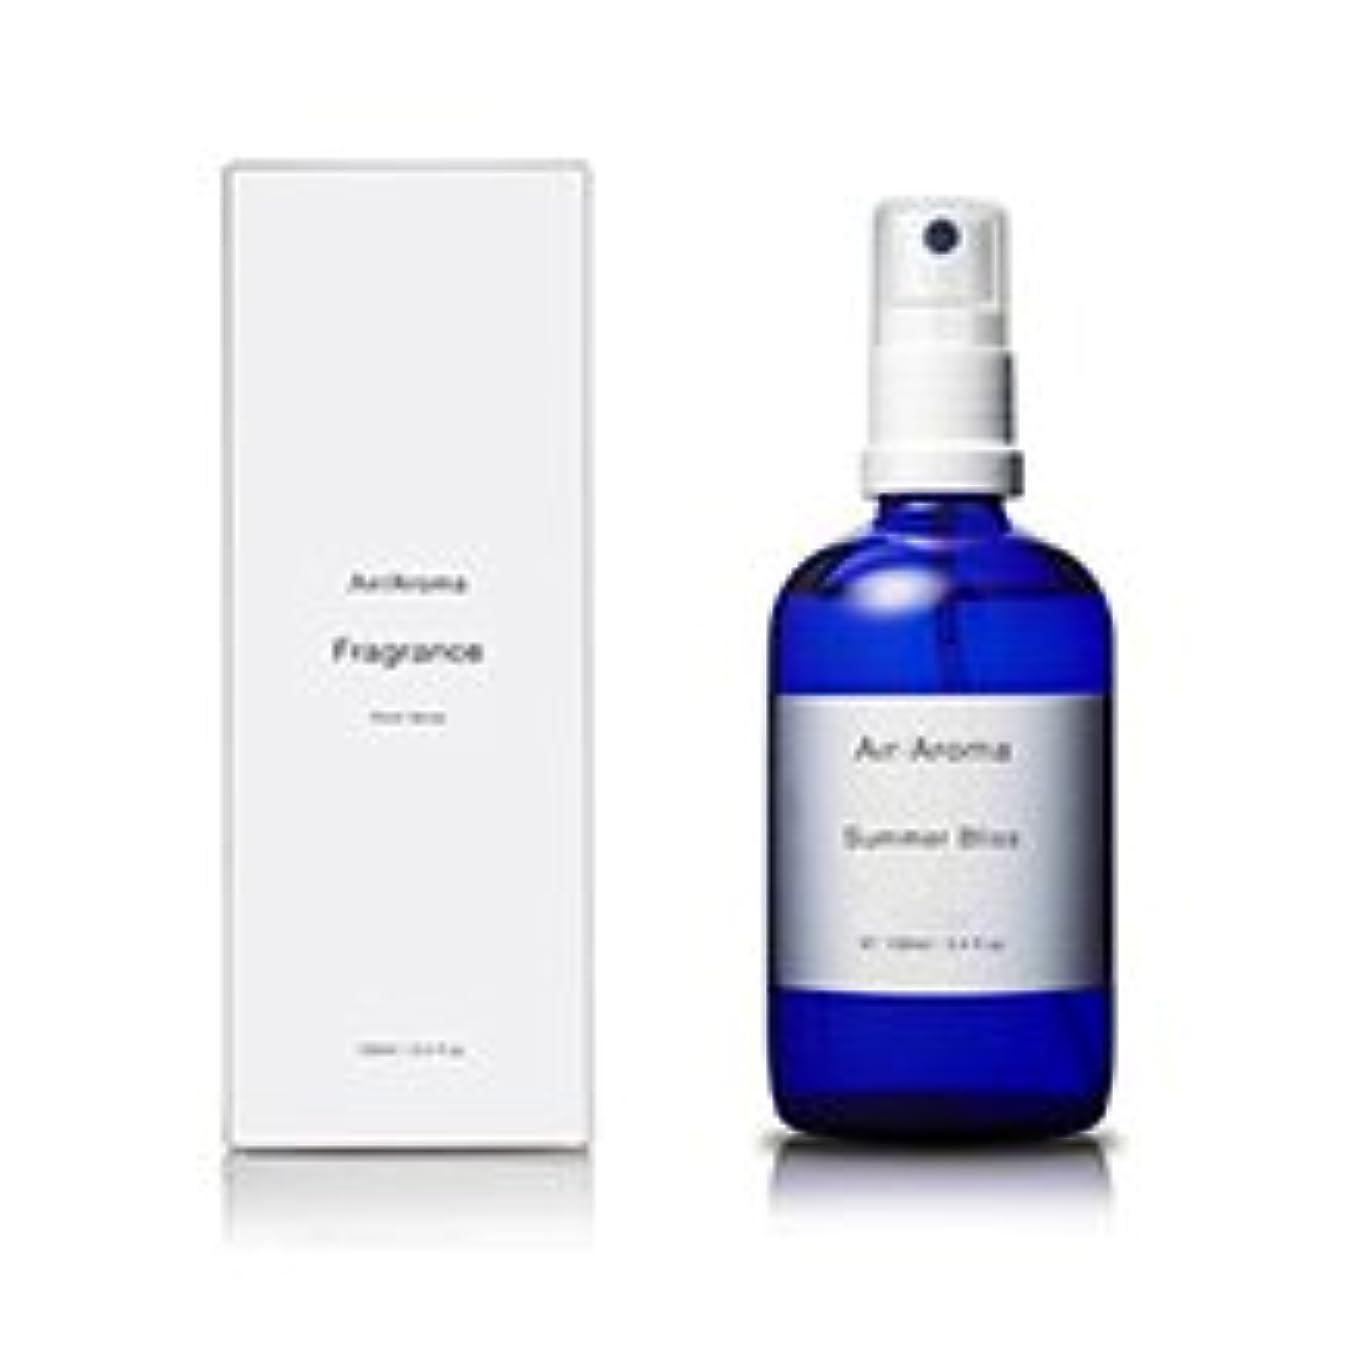 二週間推進、動かす一時停止エアアロマ summer bliss room fragrance (サマーブリス ルームフレグランス) 100ml